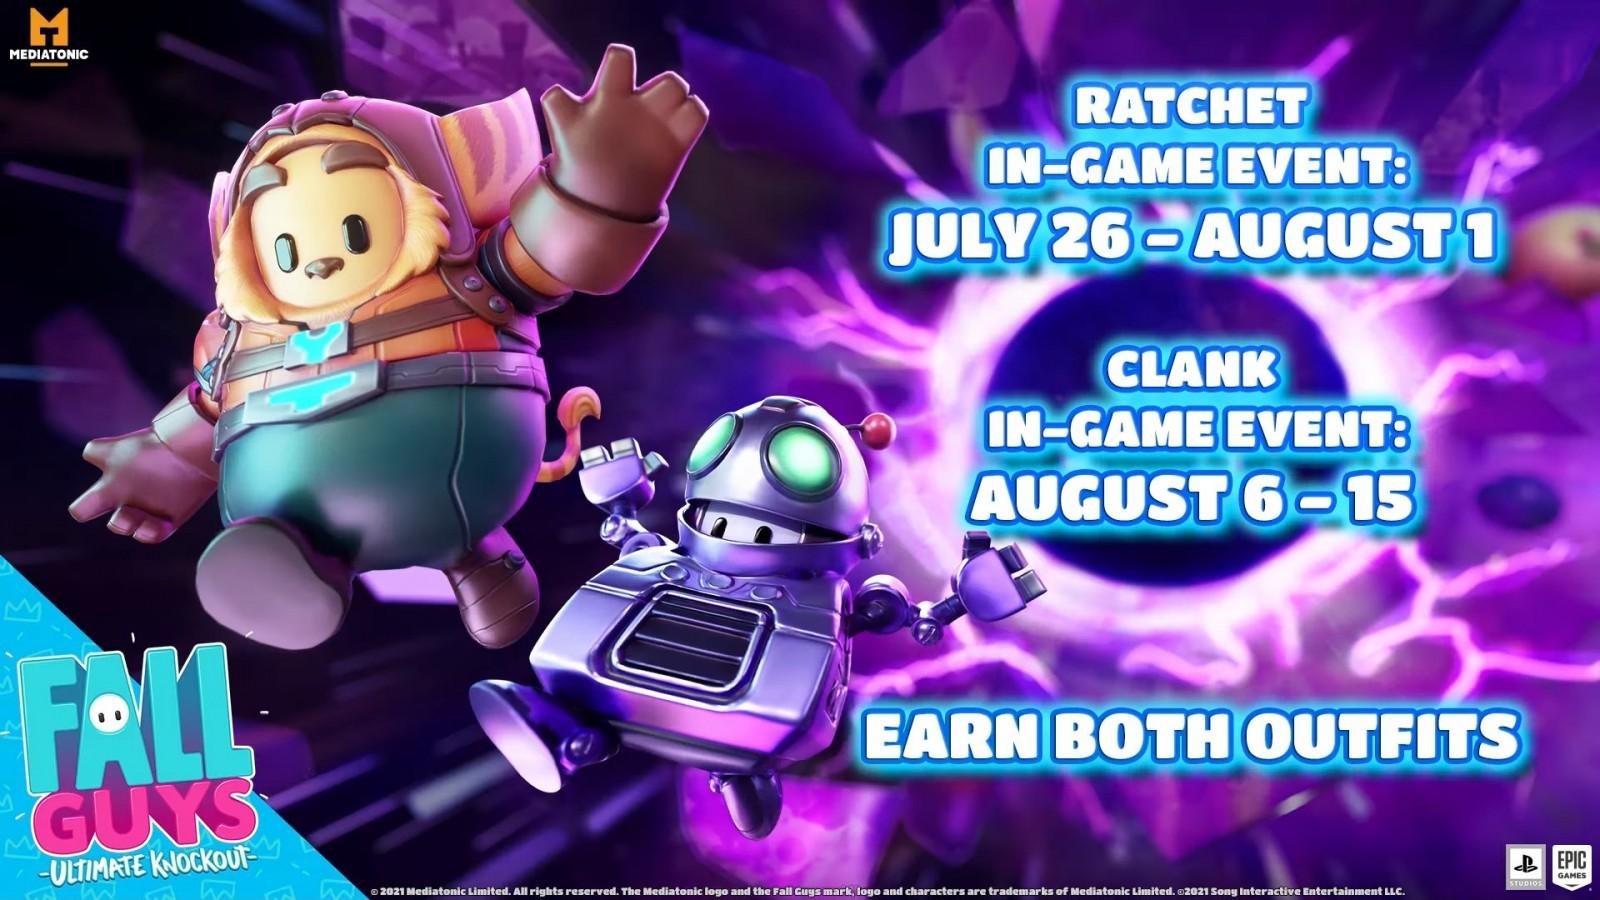 Fall Guys tendrá colaboración con Ratchet and Clank en un evento en donde podrás ganar estas skins.